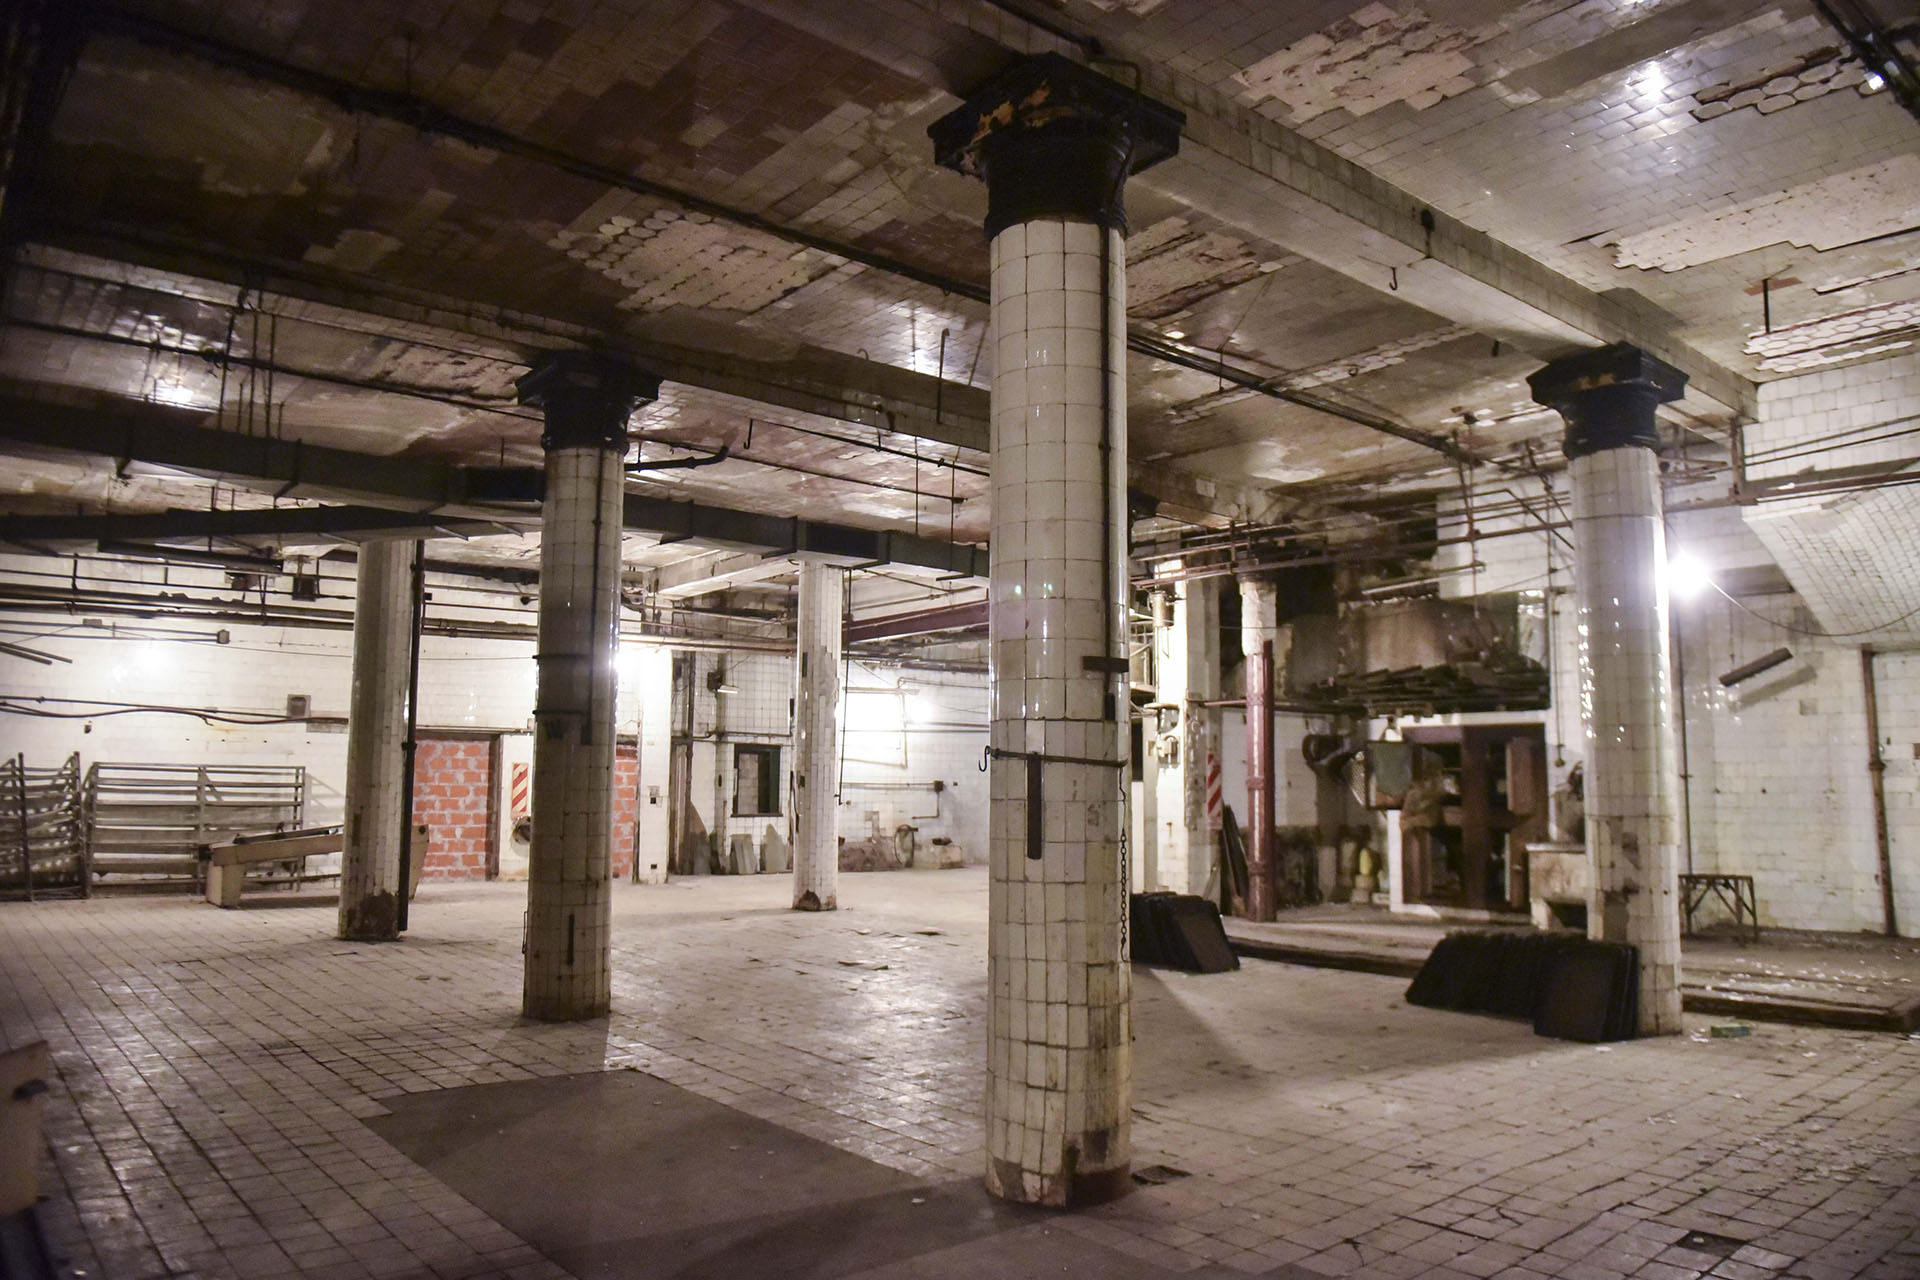 En el subsuelo de la confitería se encontraba la cocina, donde se preparaba principalmente la destacada pastelería del café